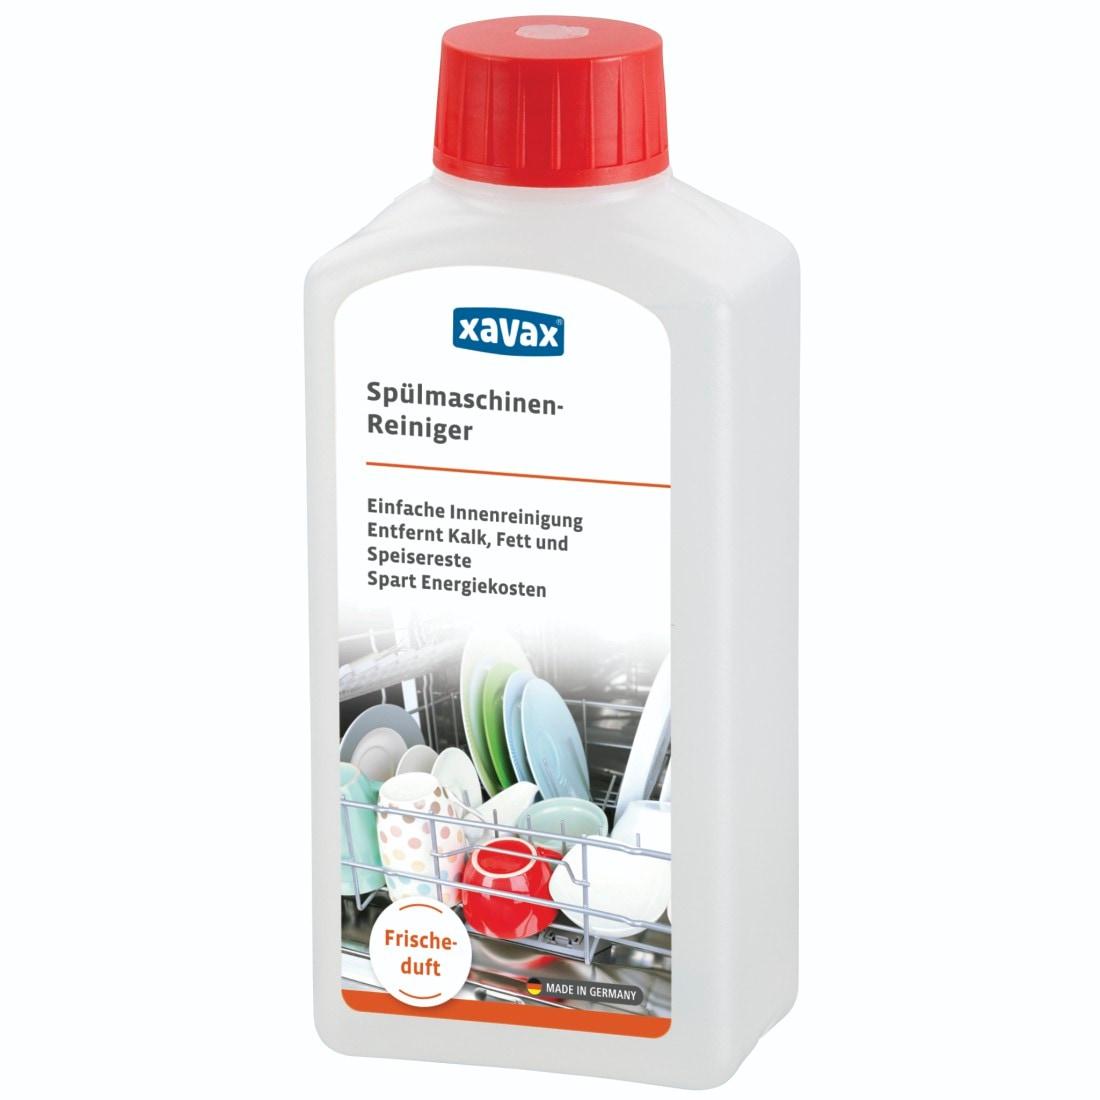 Xavax Spülmaschinenreiniger mit Frischeduft, 250 ml, Spülmaschine »Reiniger Maschinenpfleger« | Küche und Esszimmer > Küchenelektrogeräte > Spülmaschinen | Bunt | XAVAX